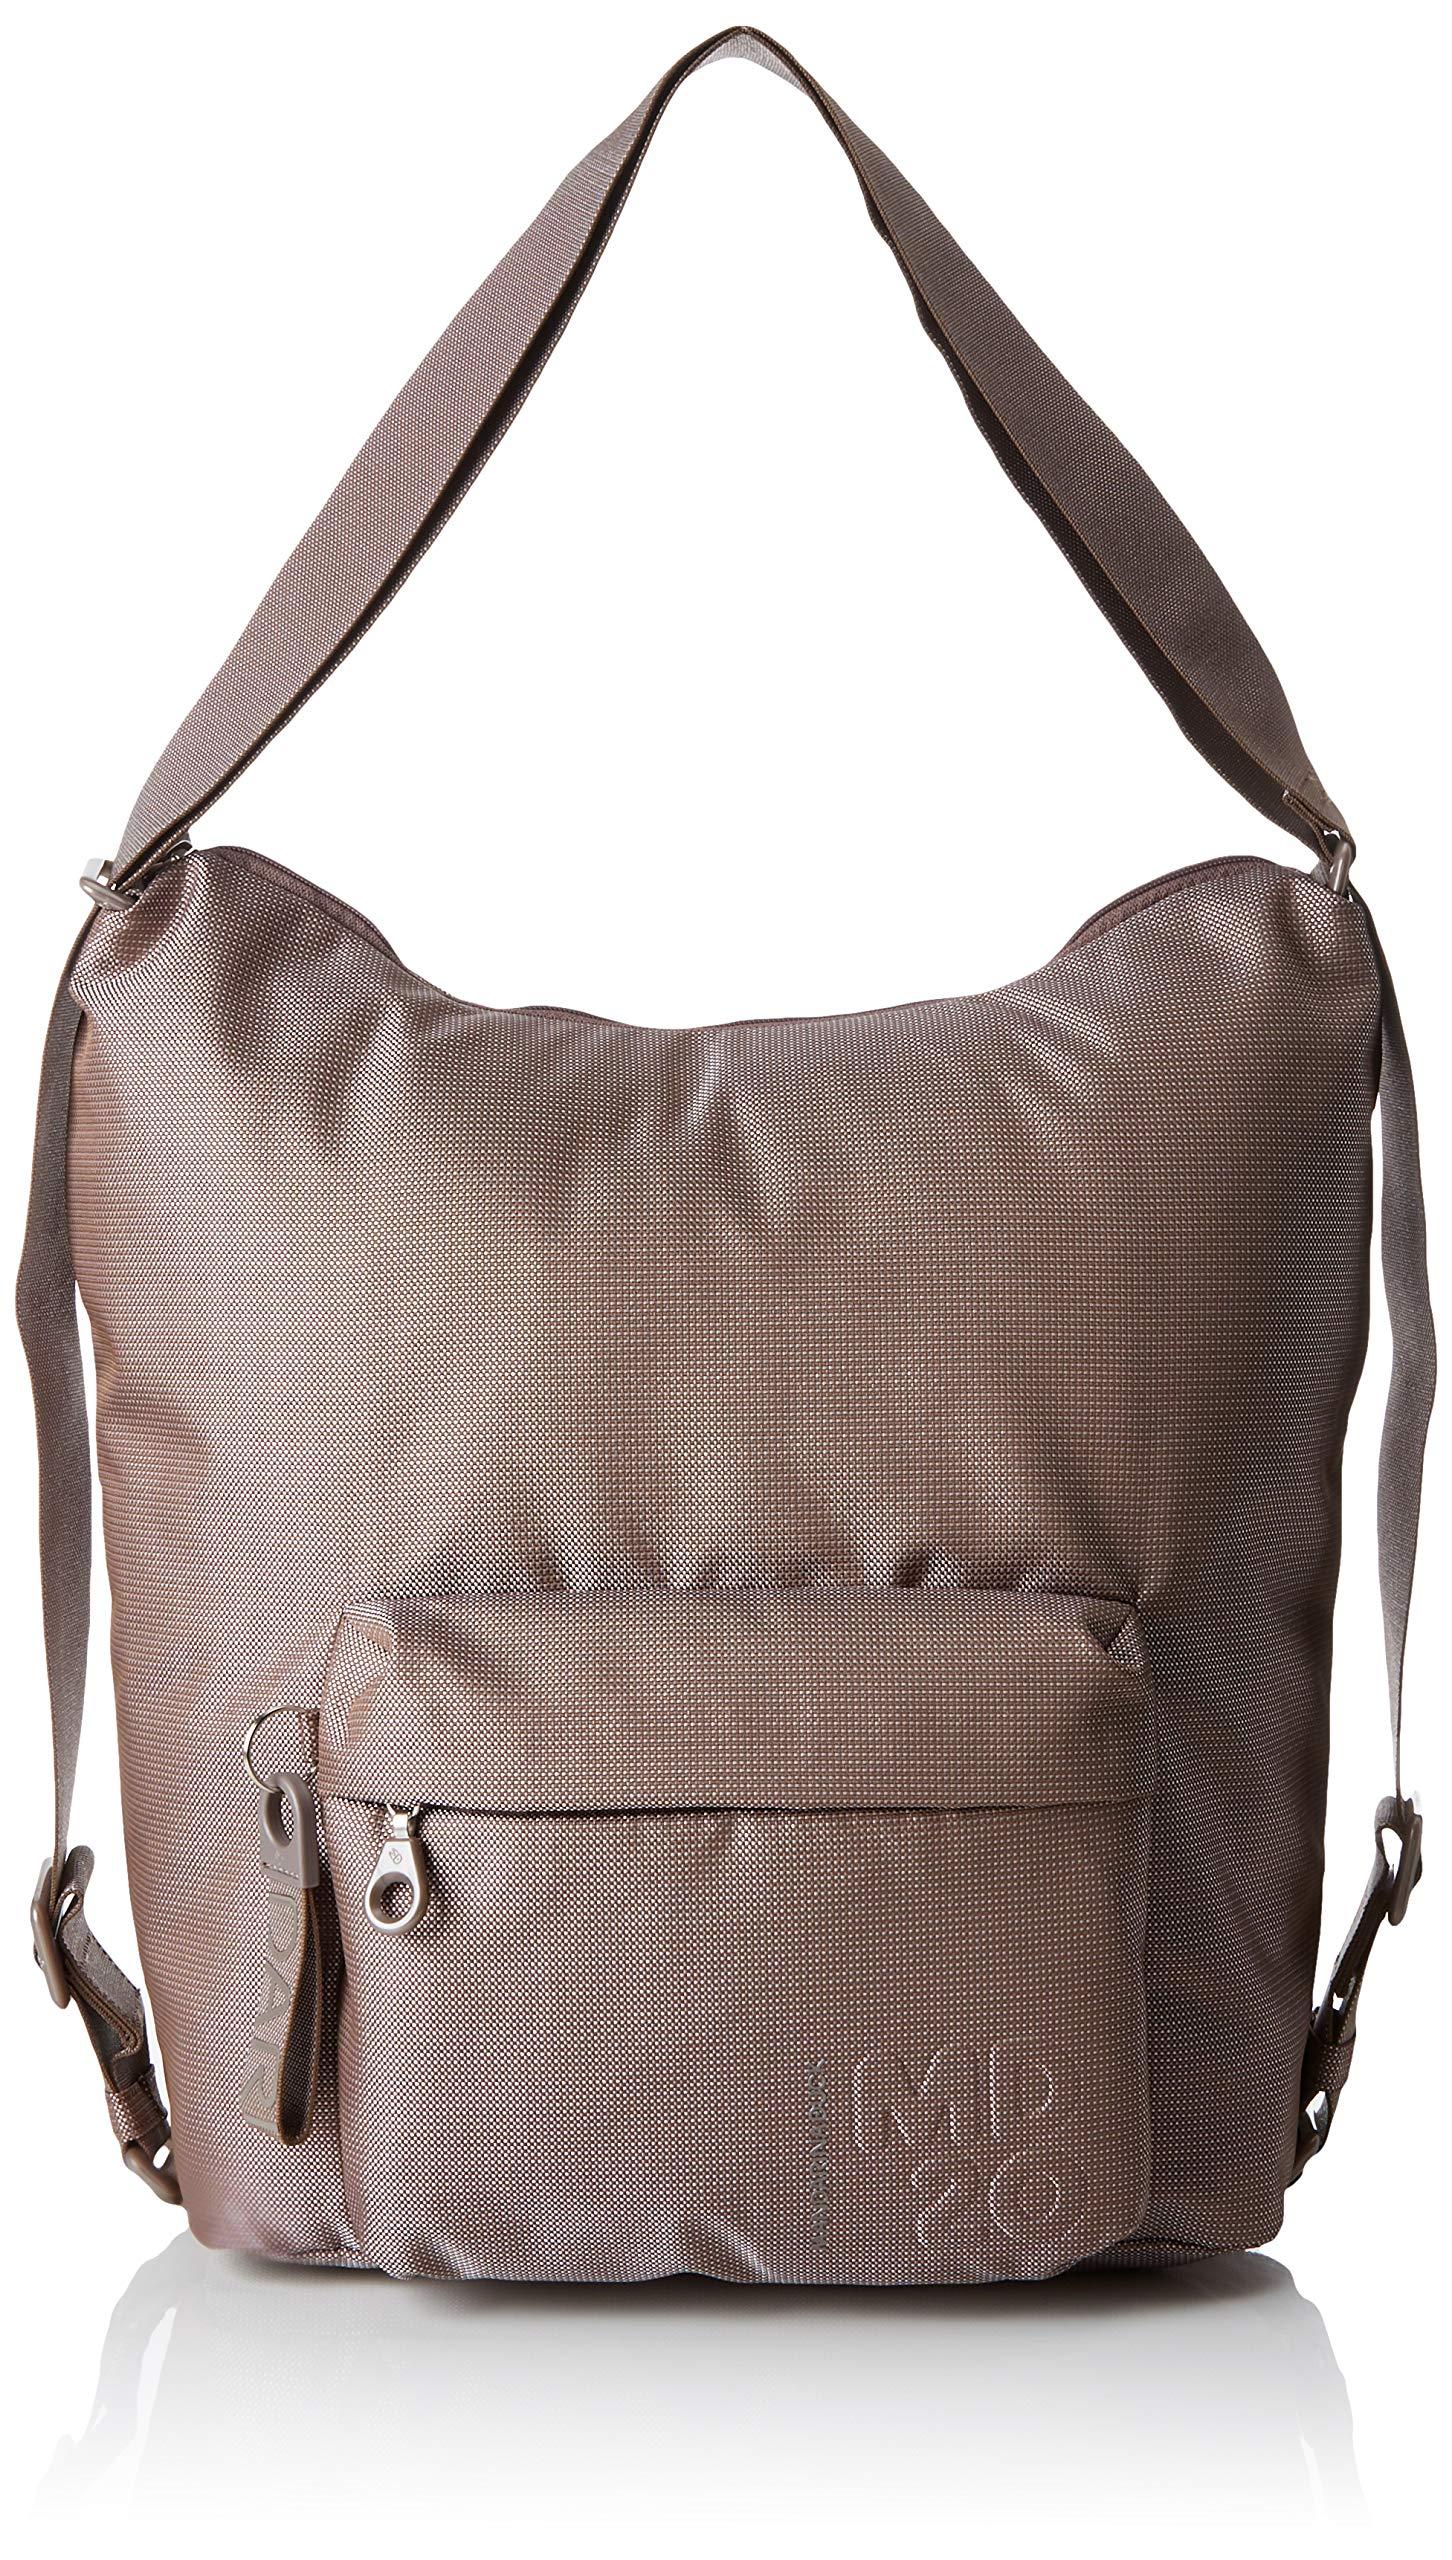 Mandarina Duck Handtaschen Taschen QMT09_09K taupe Taupe wYyne